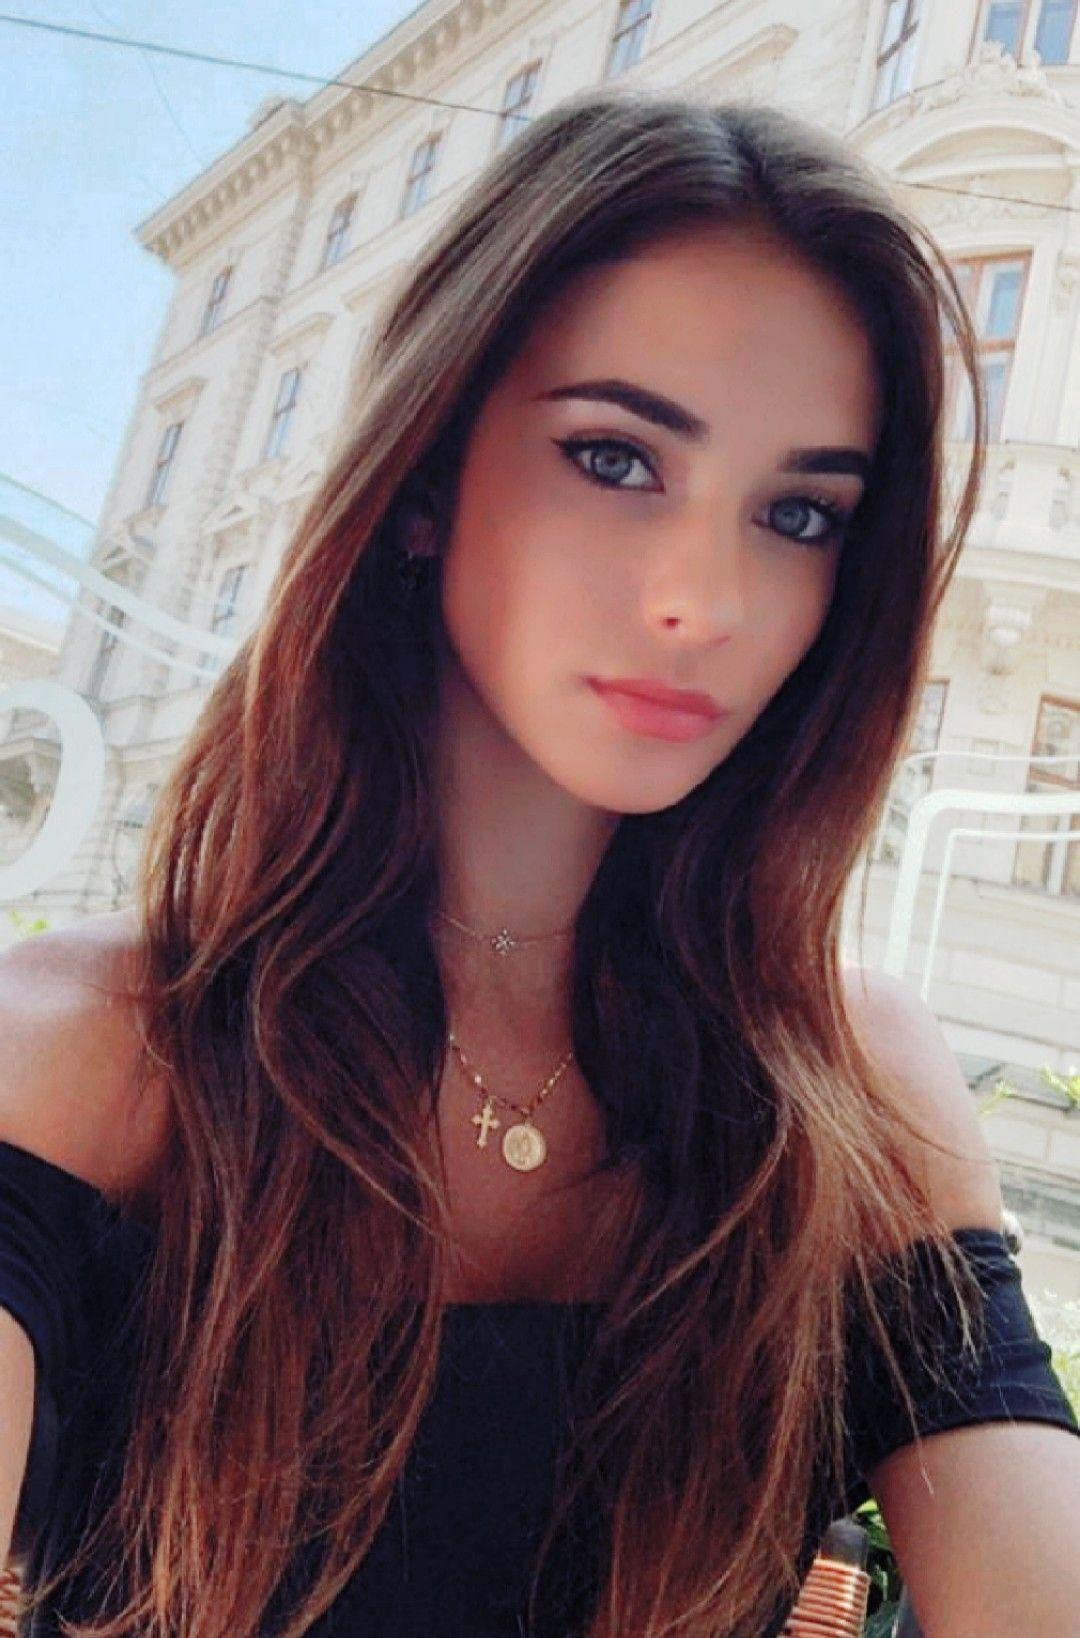 Brunette girl photo Very Very Beautiful Brunette Girl Brunette Beauty Beautiful Eyes Beauty Girl